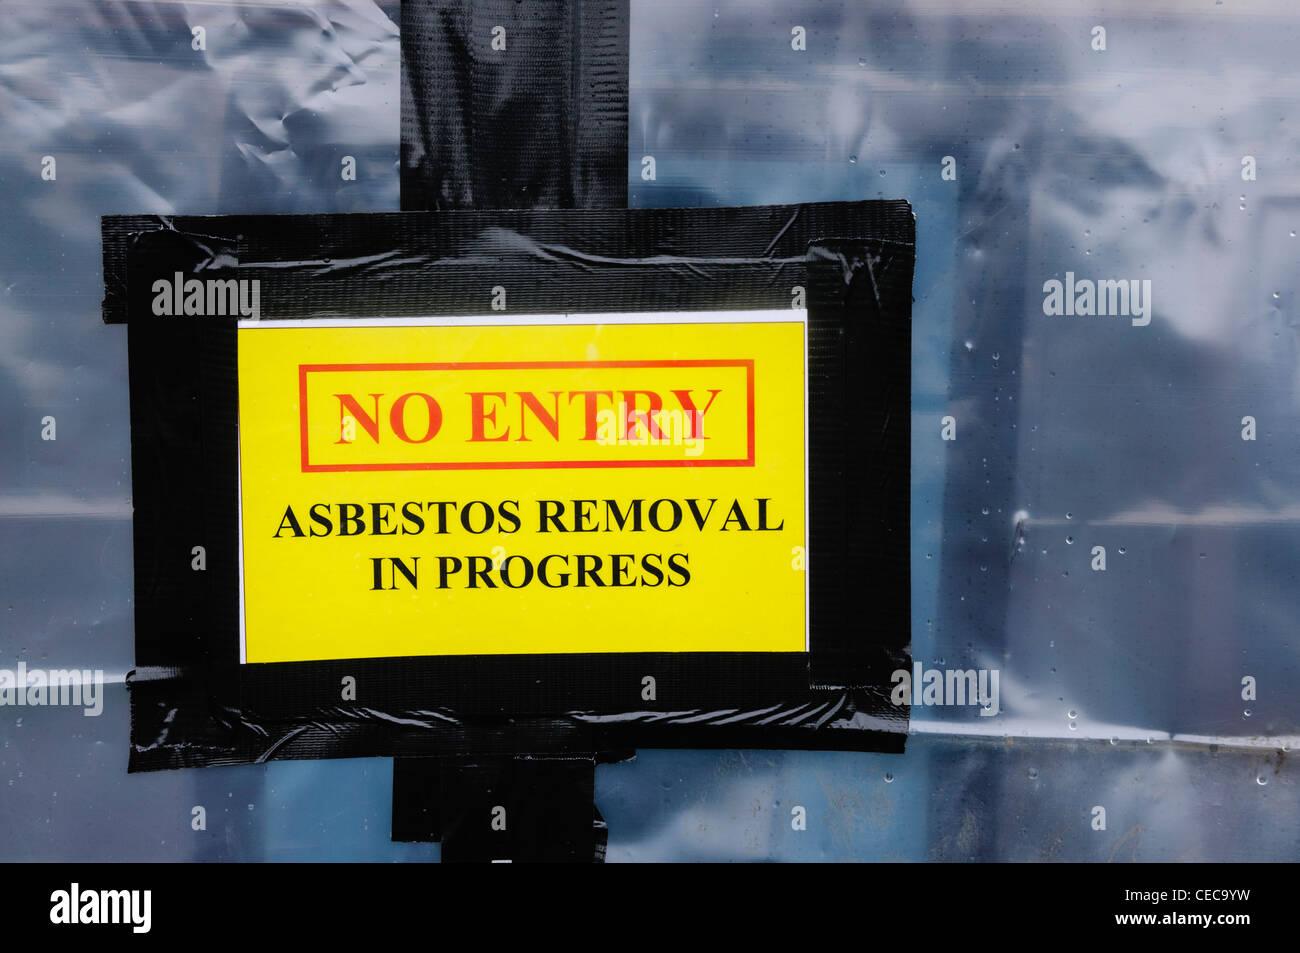 Warning sign at an Asbestos clean-up - Stock Image